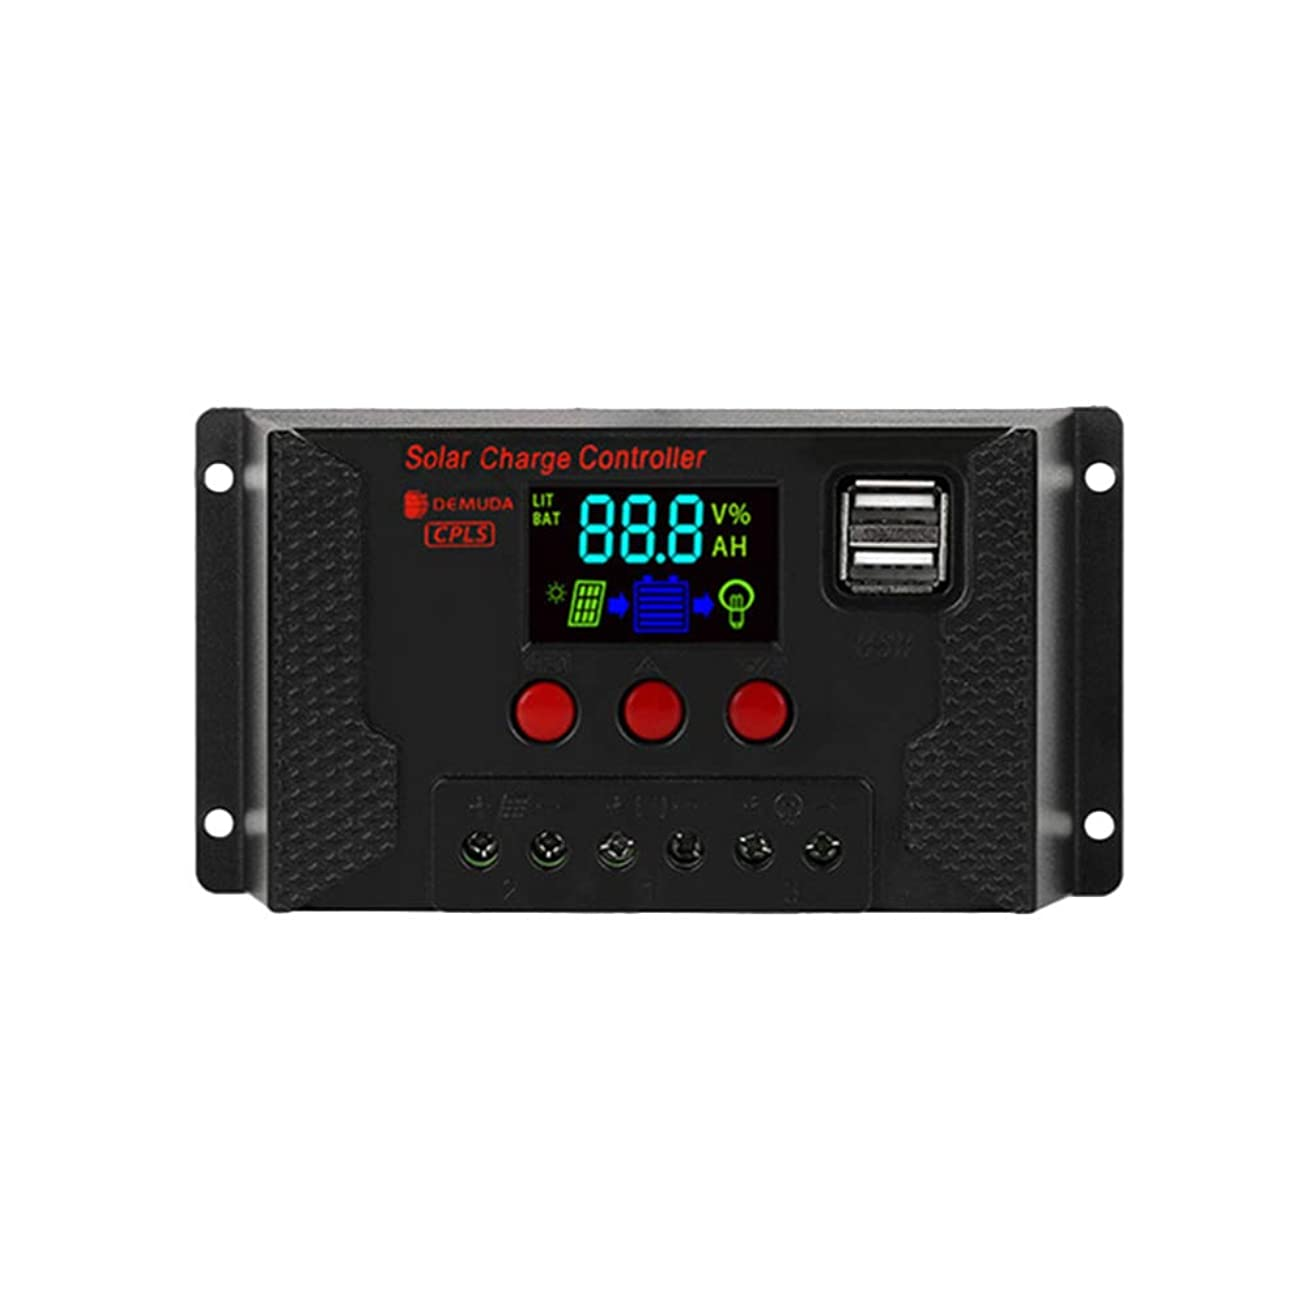 自分を引き上げるかすれたクレアBESPORTBLE 10Aソーラー充電コントローラー12V USBカラースクリーンソーラーパネル充電コントローラーソーラーレギュレーター